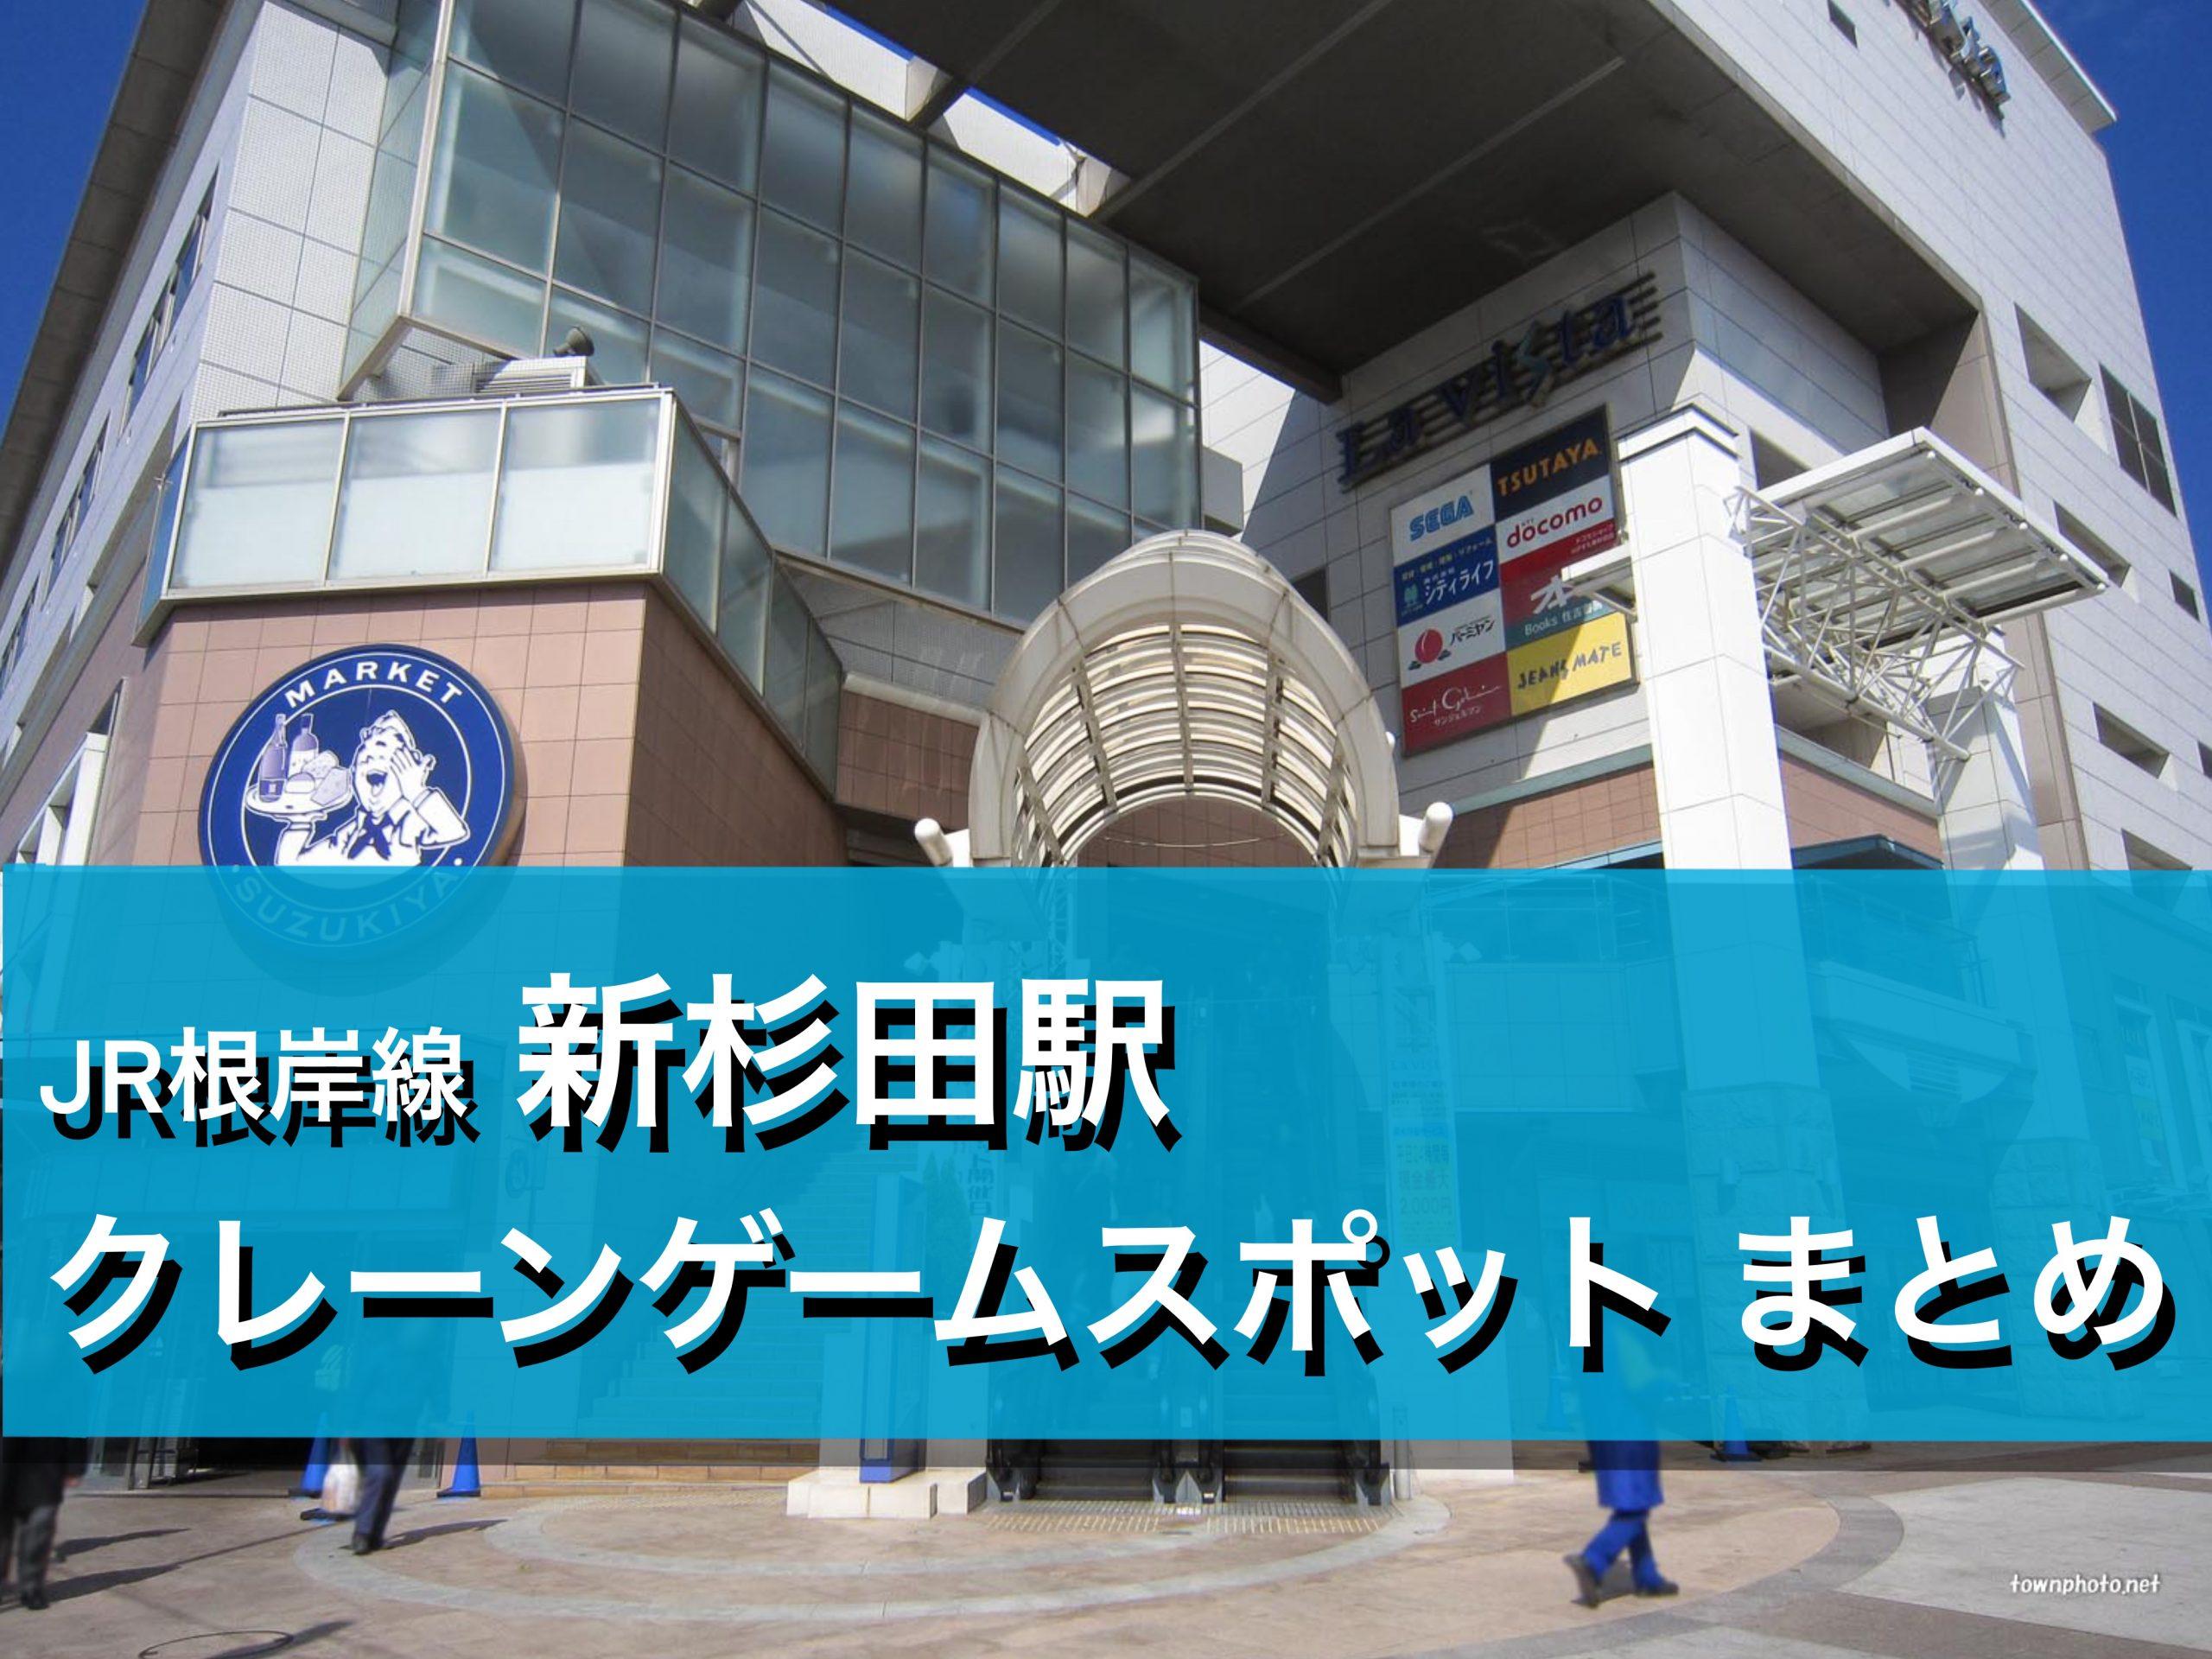 【新杉田駅】クレーンゲームができる場所